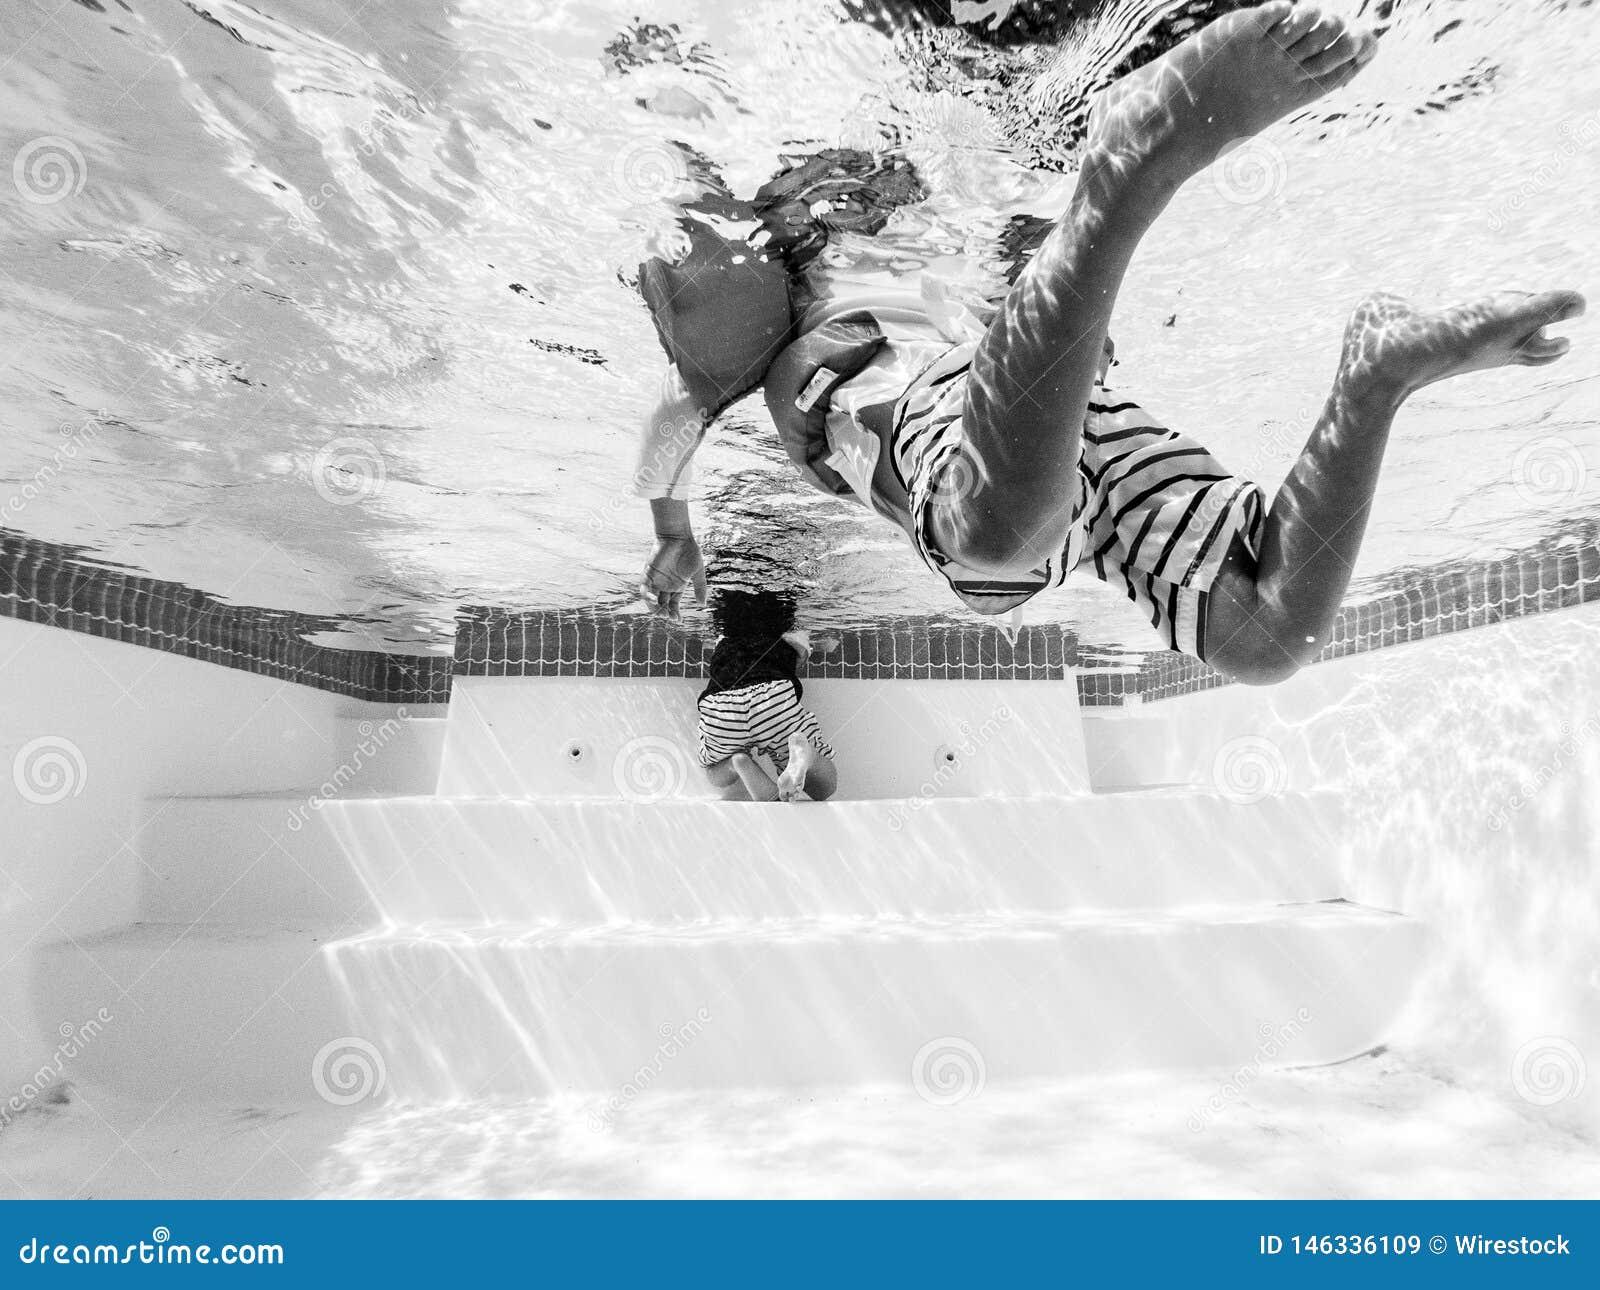 Черно-белое фото плавания человека в бассейне